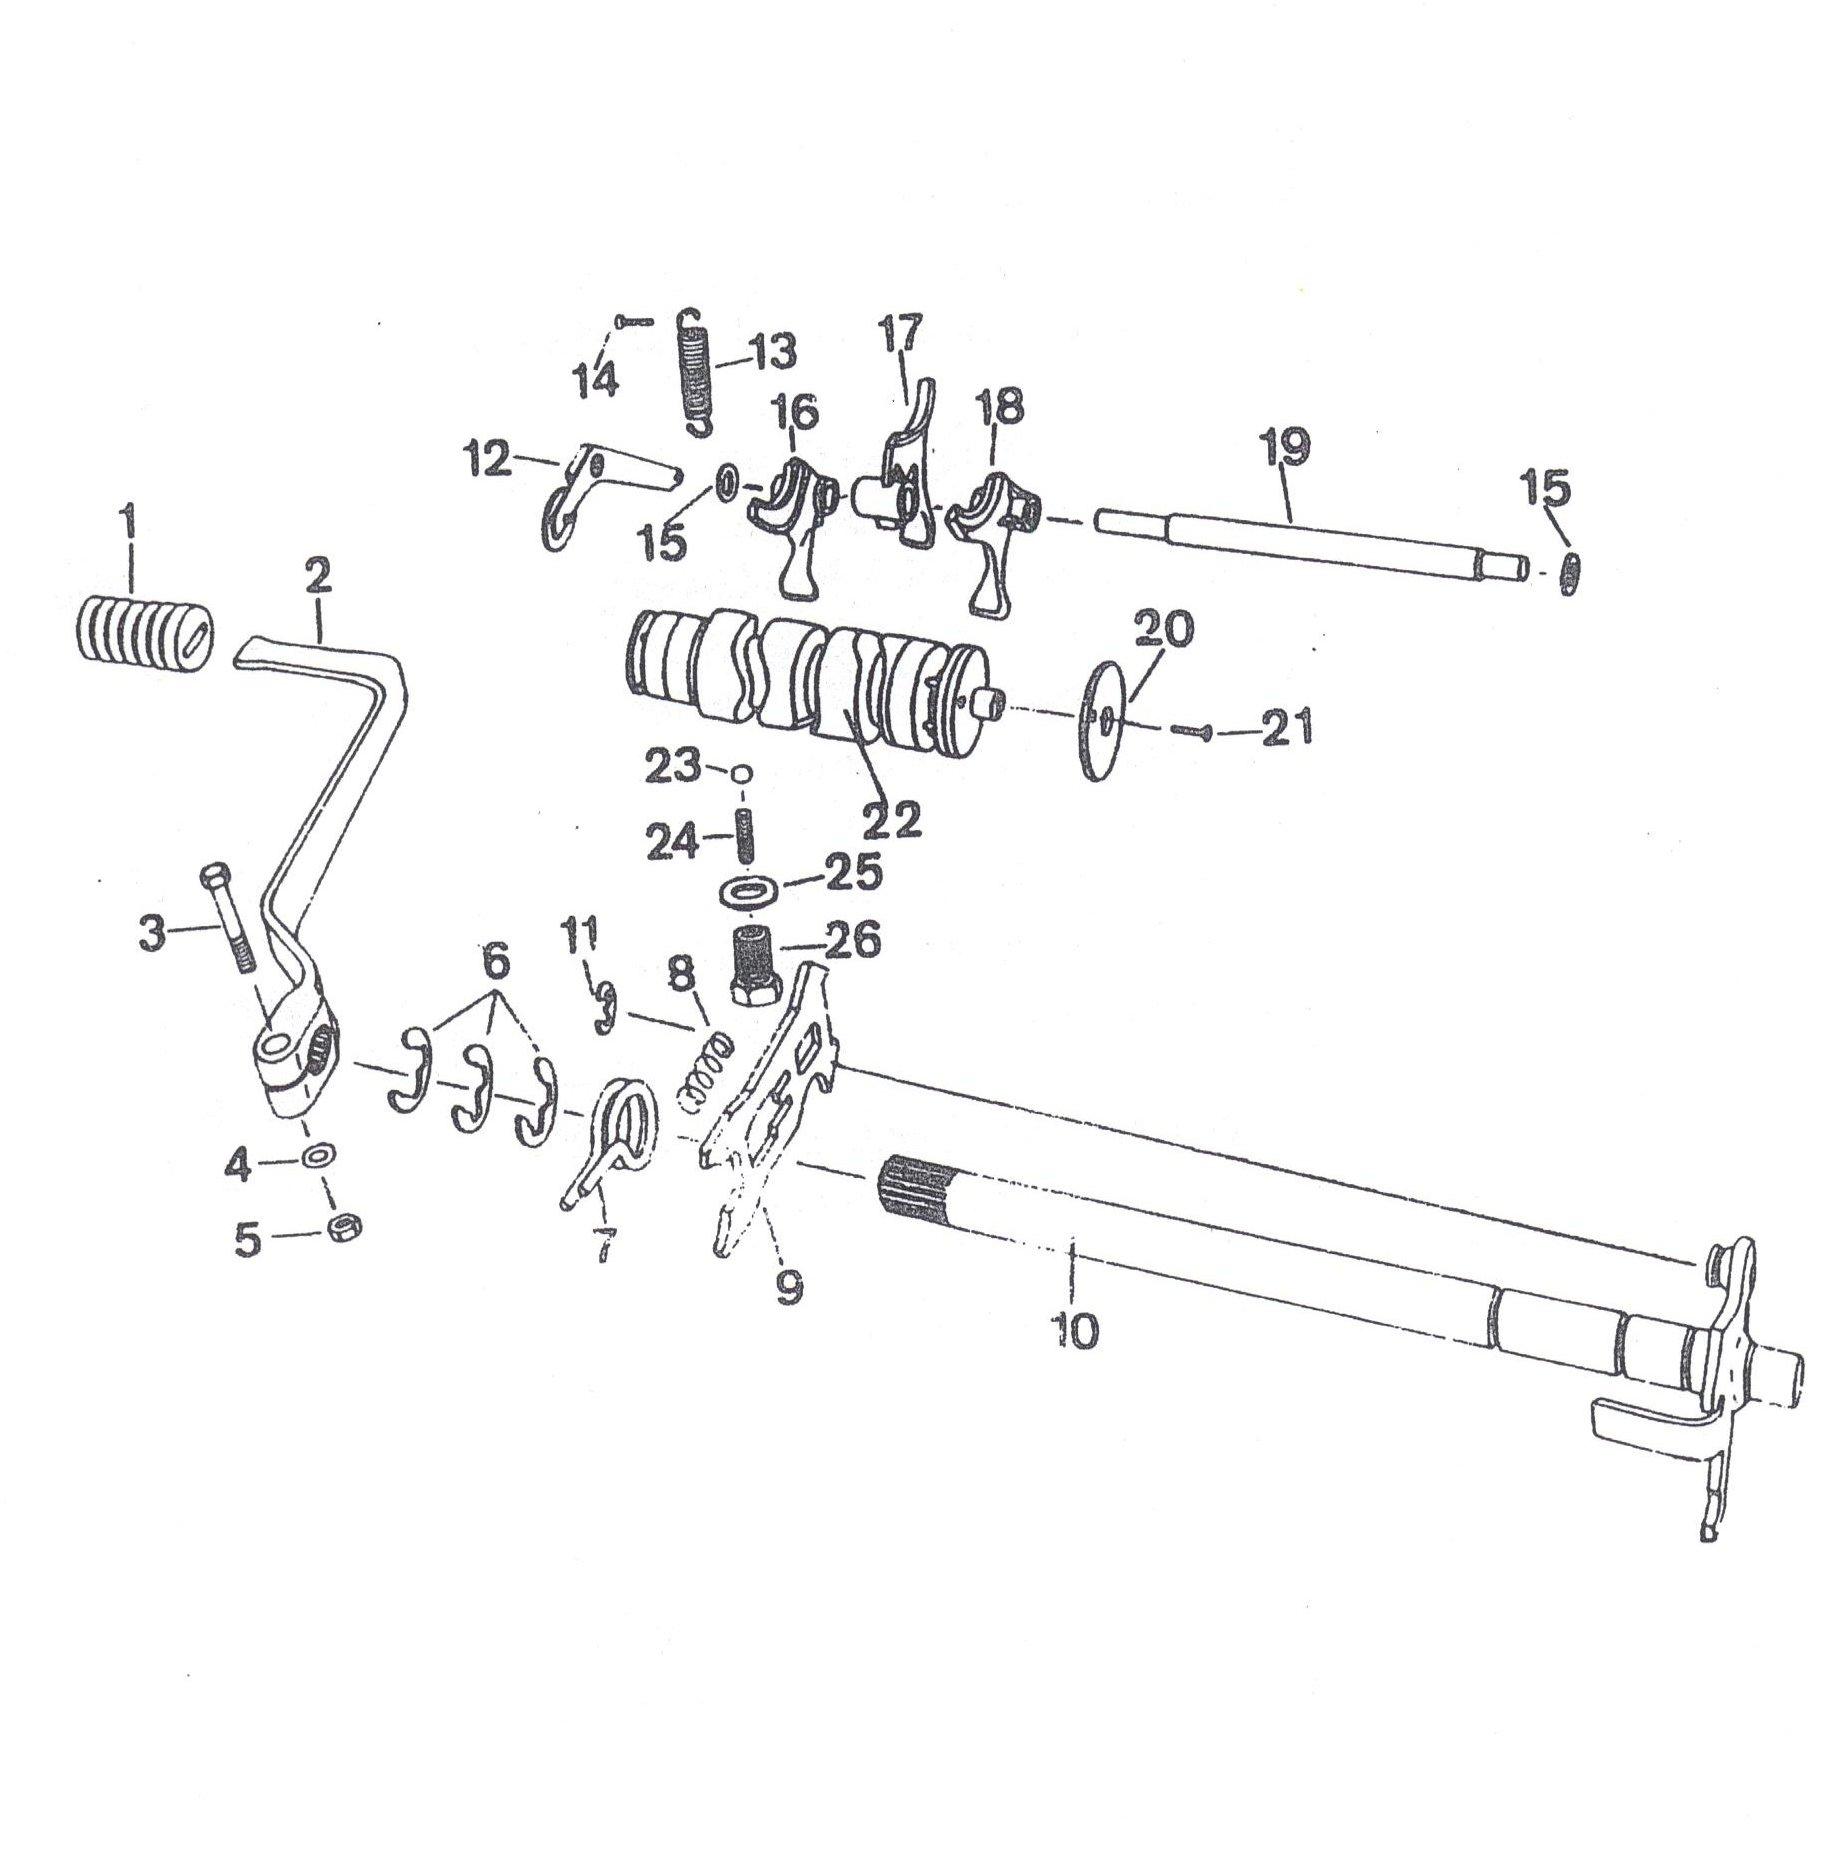 Getriebe - Schalteinrichtung